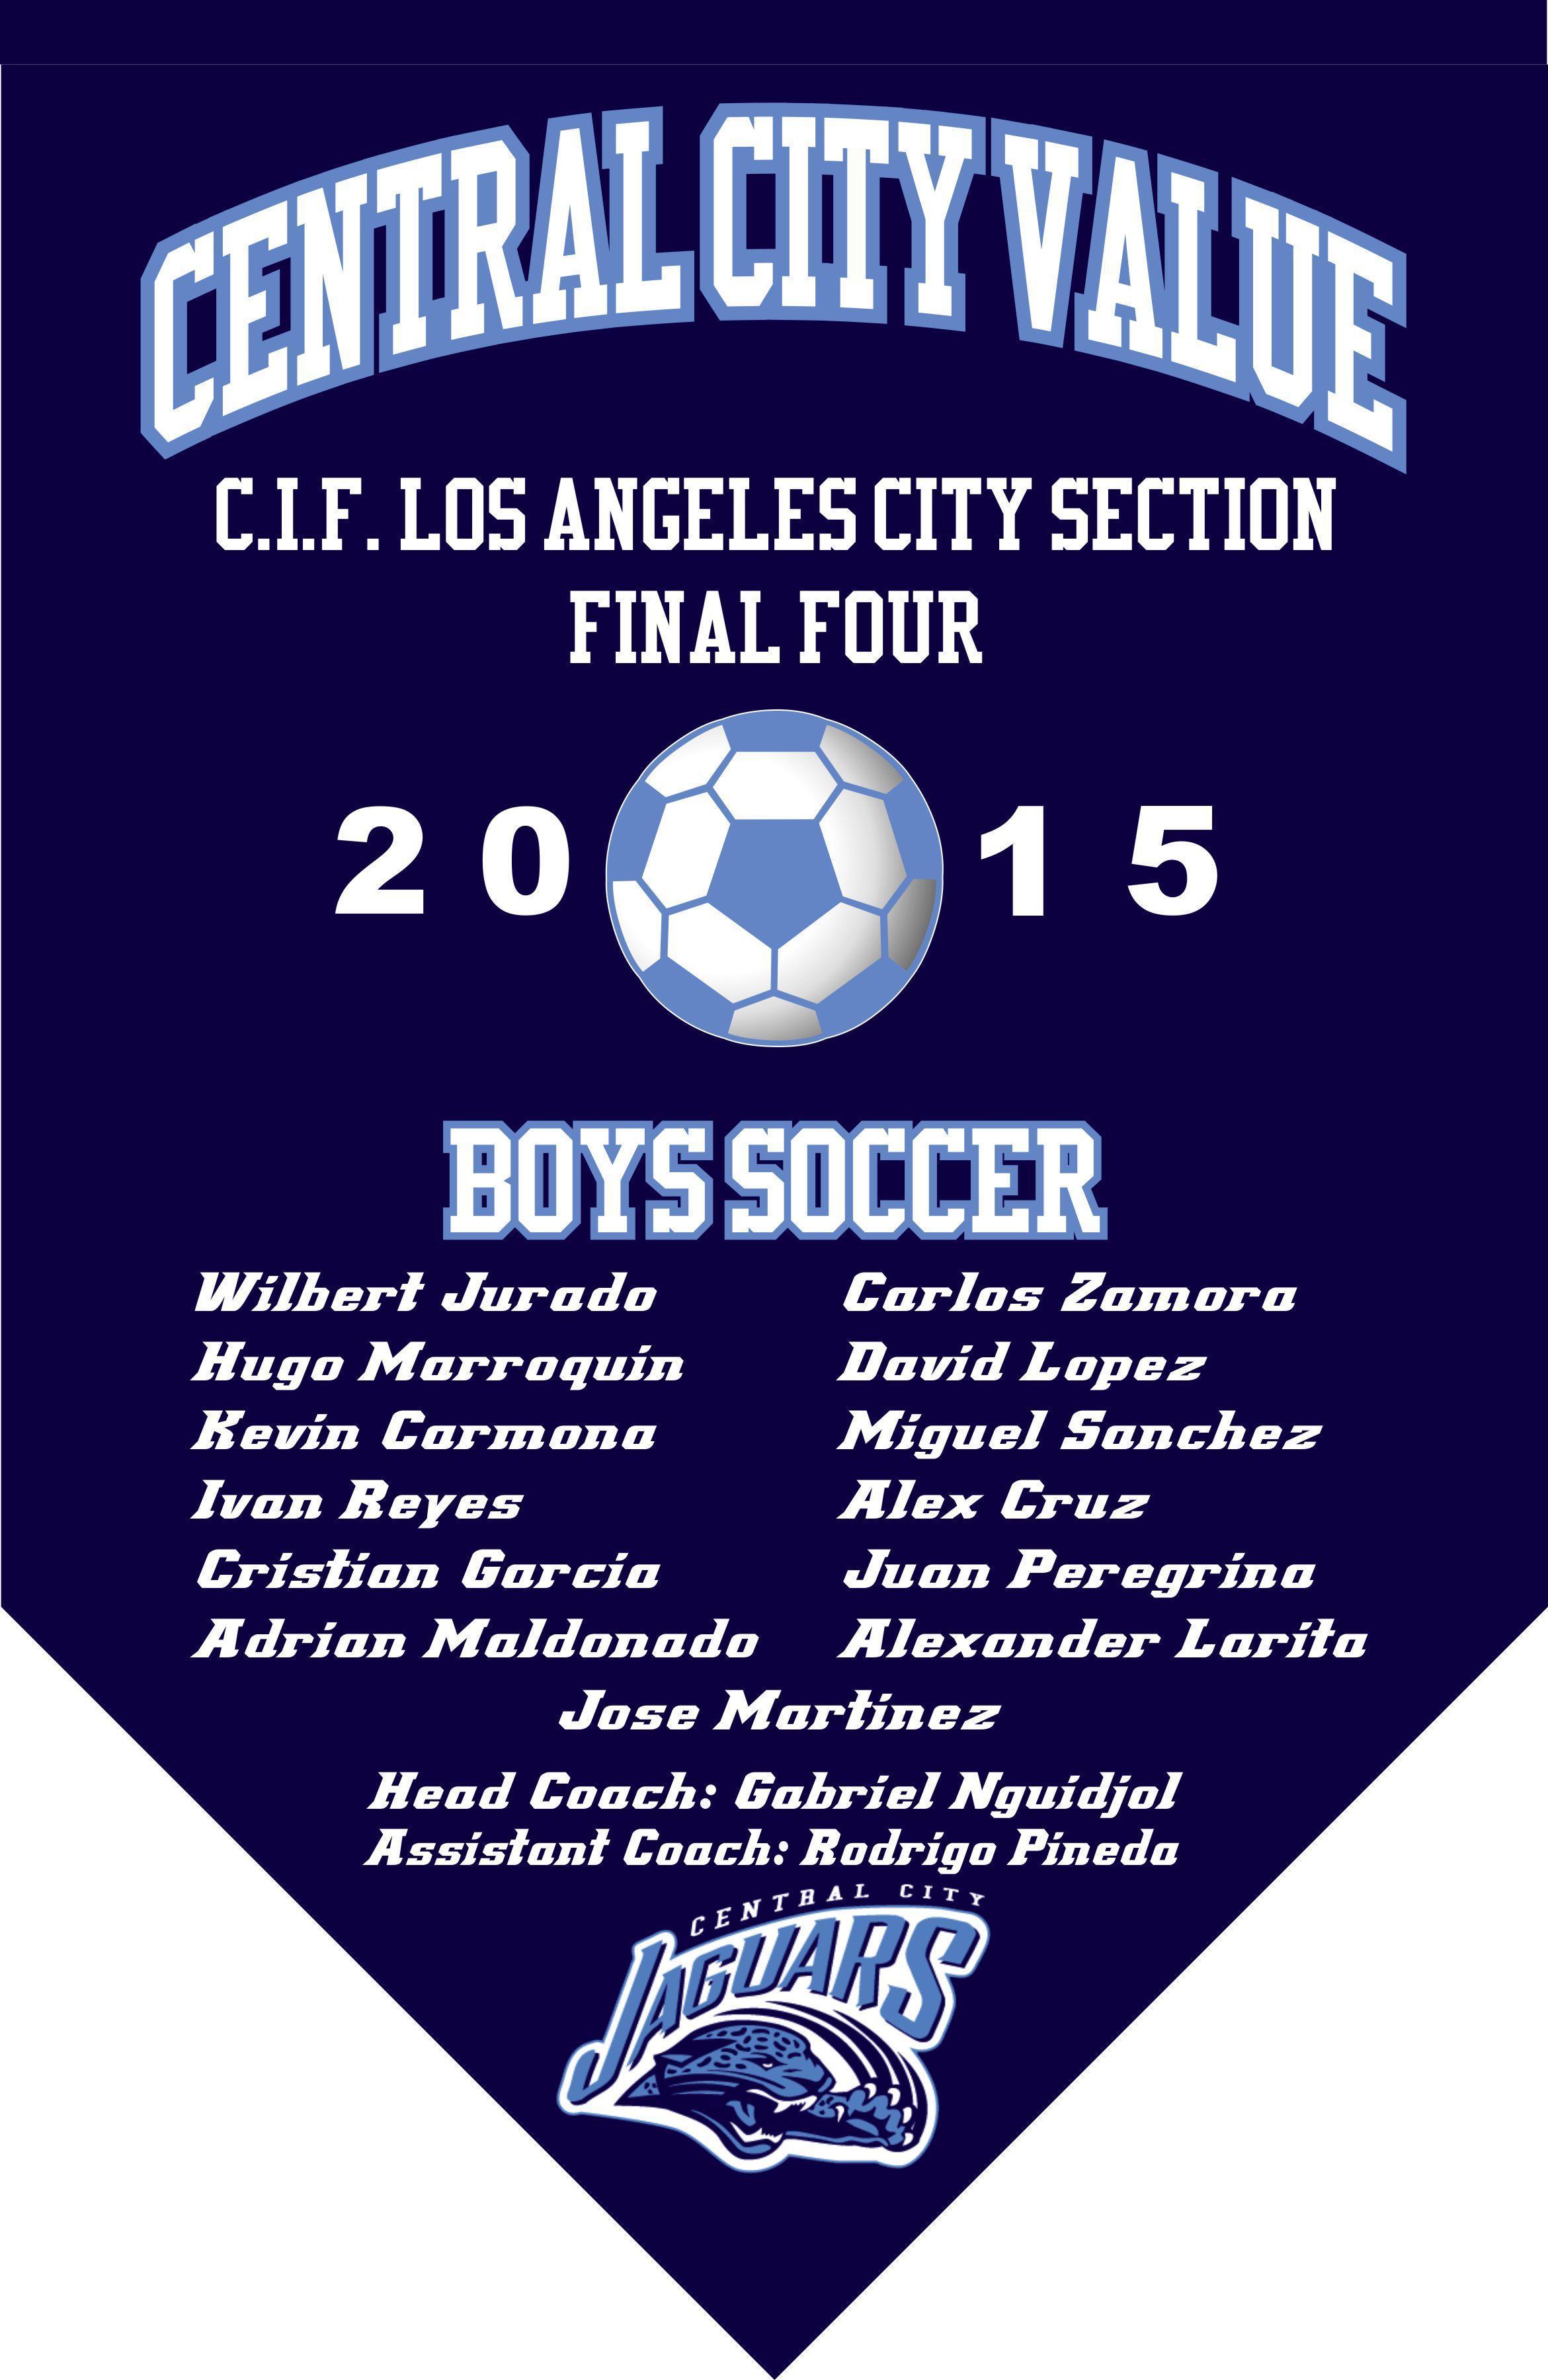 2015 Boys Soccer Final Four Banner